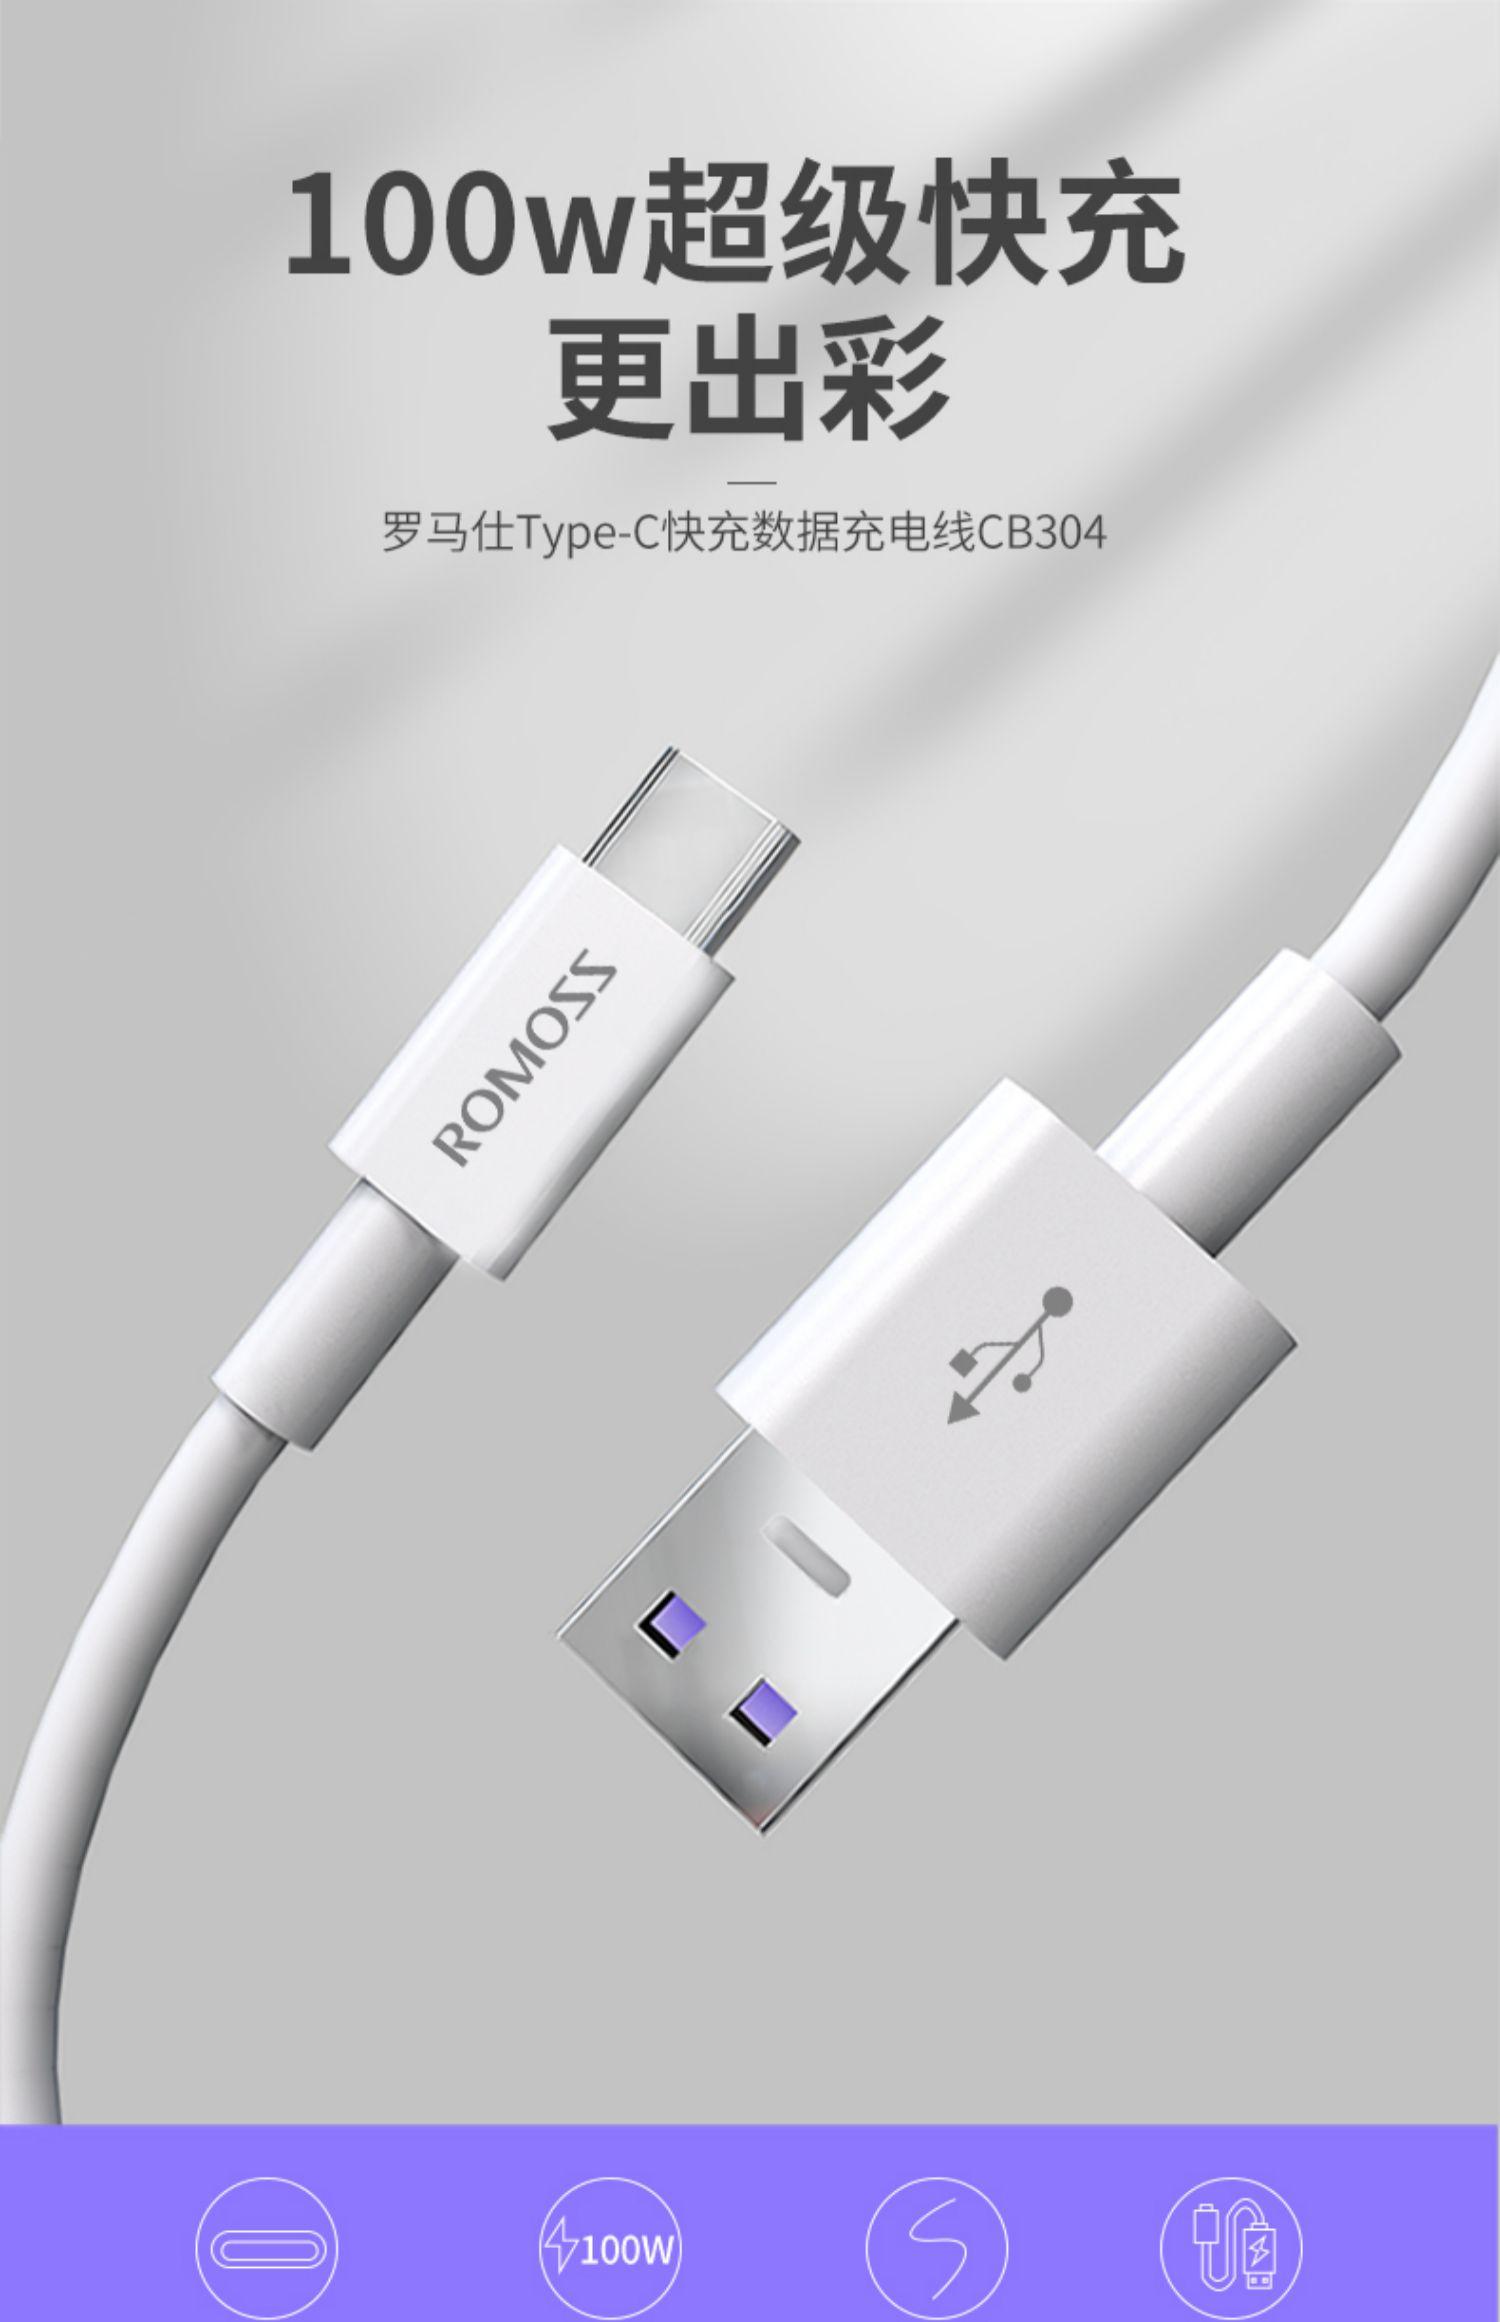 【罗马仕】Type-c快充数据2